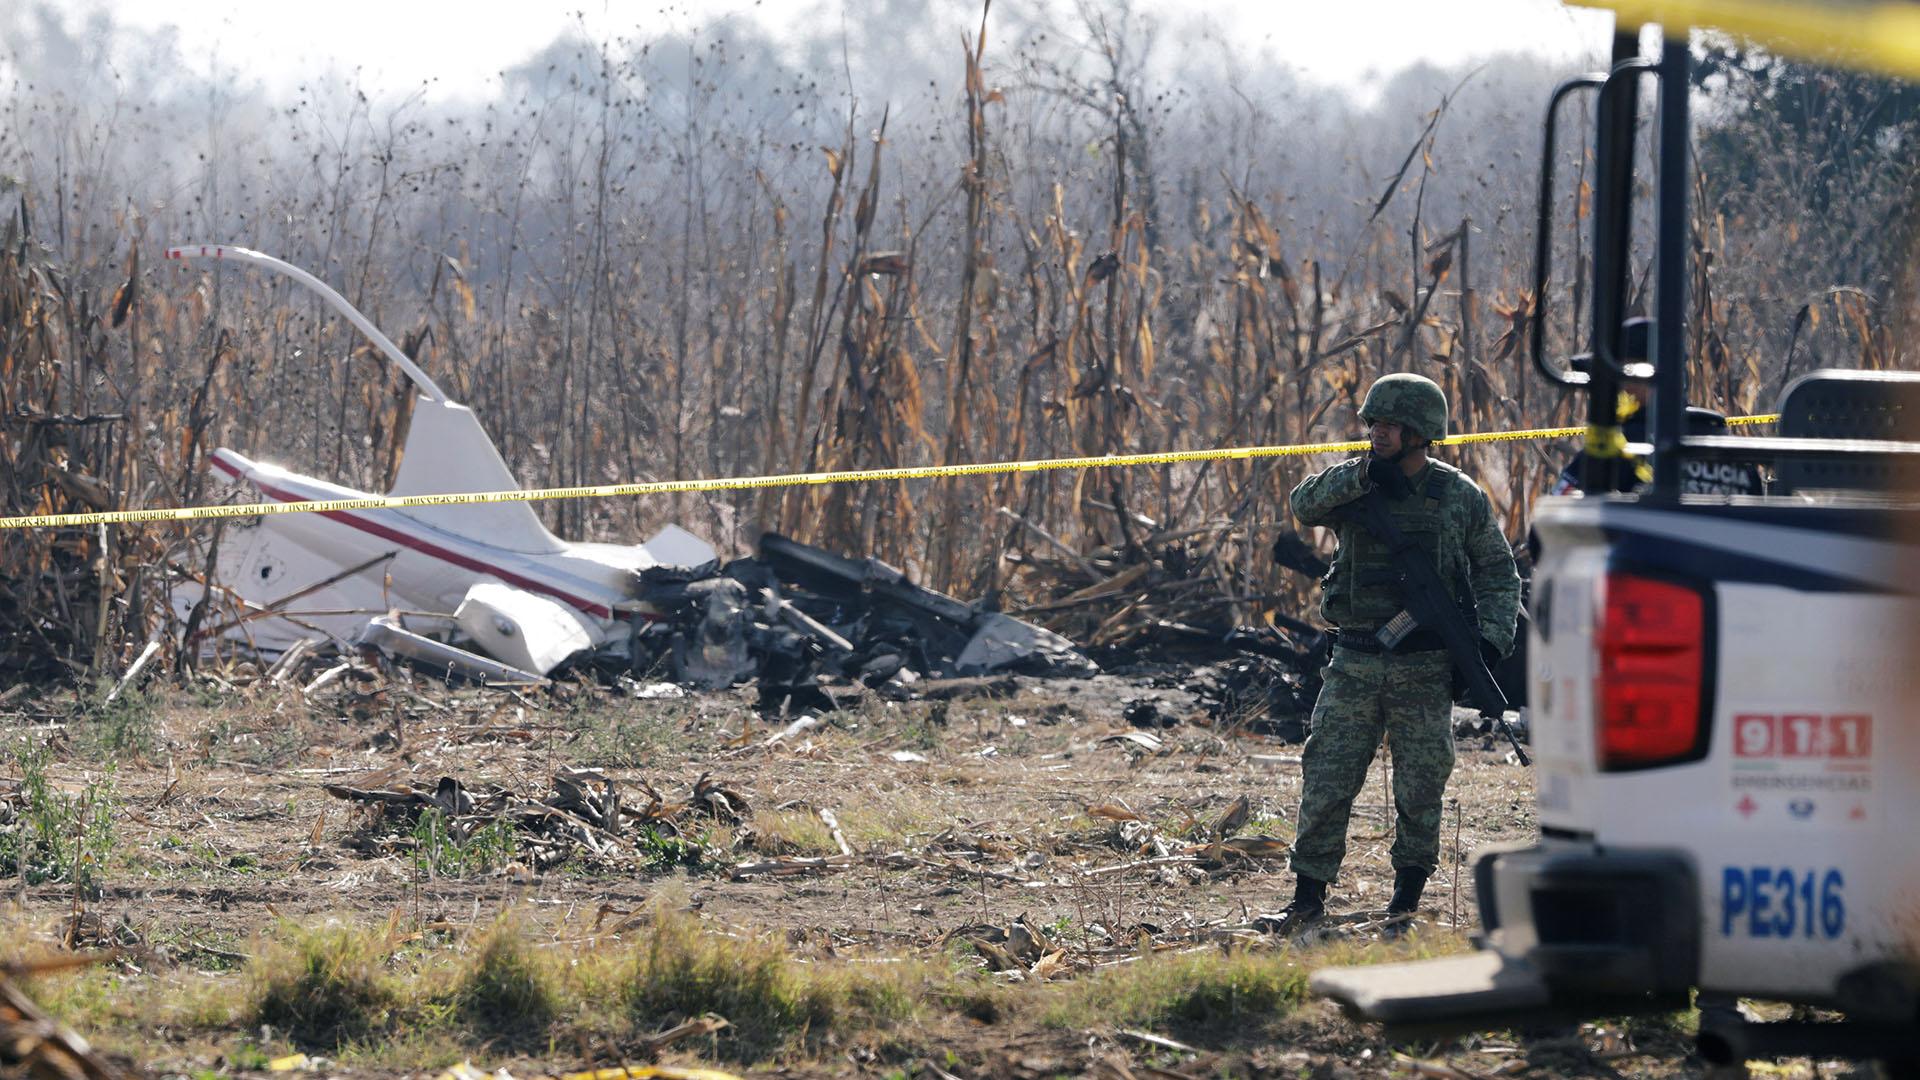 Así quedó el helicóptero en que viajaban la gobernadora Martha Érika Alonso y el senador Rafael Moreno Valle (Foto: REUTERS/Imelda Medina)